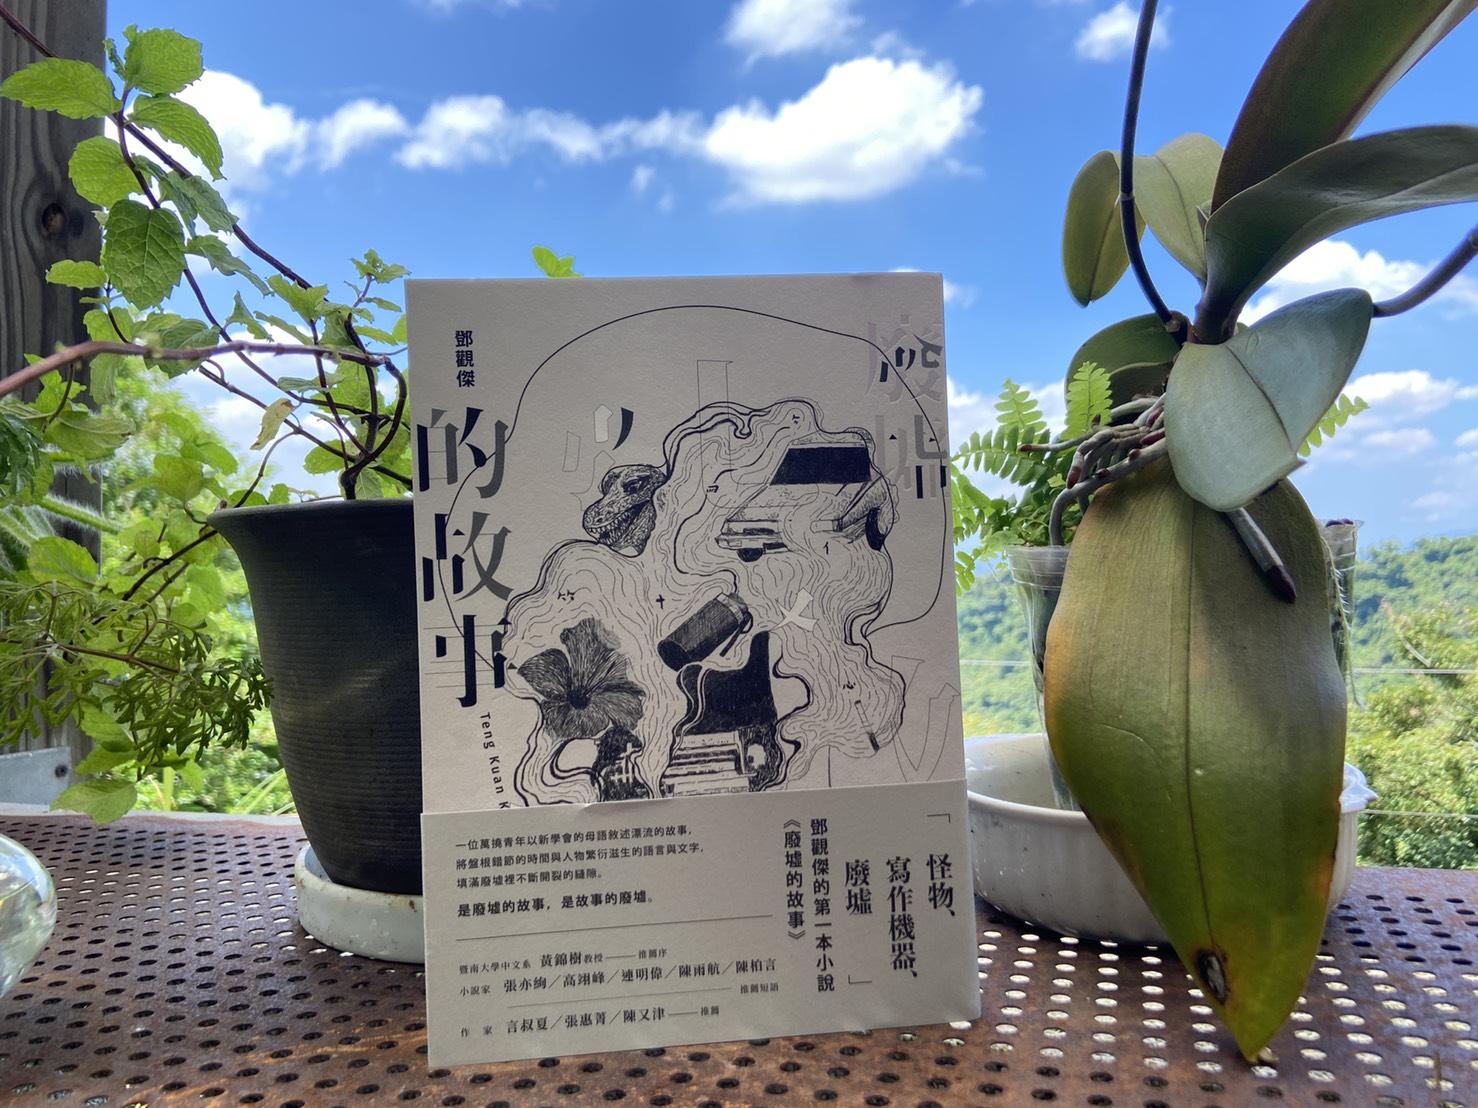 聊聊我剛認識不久的鄧觀傑,與他的《廢墟的故事》